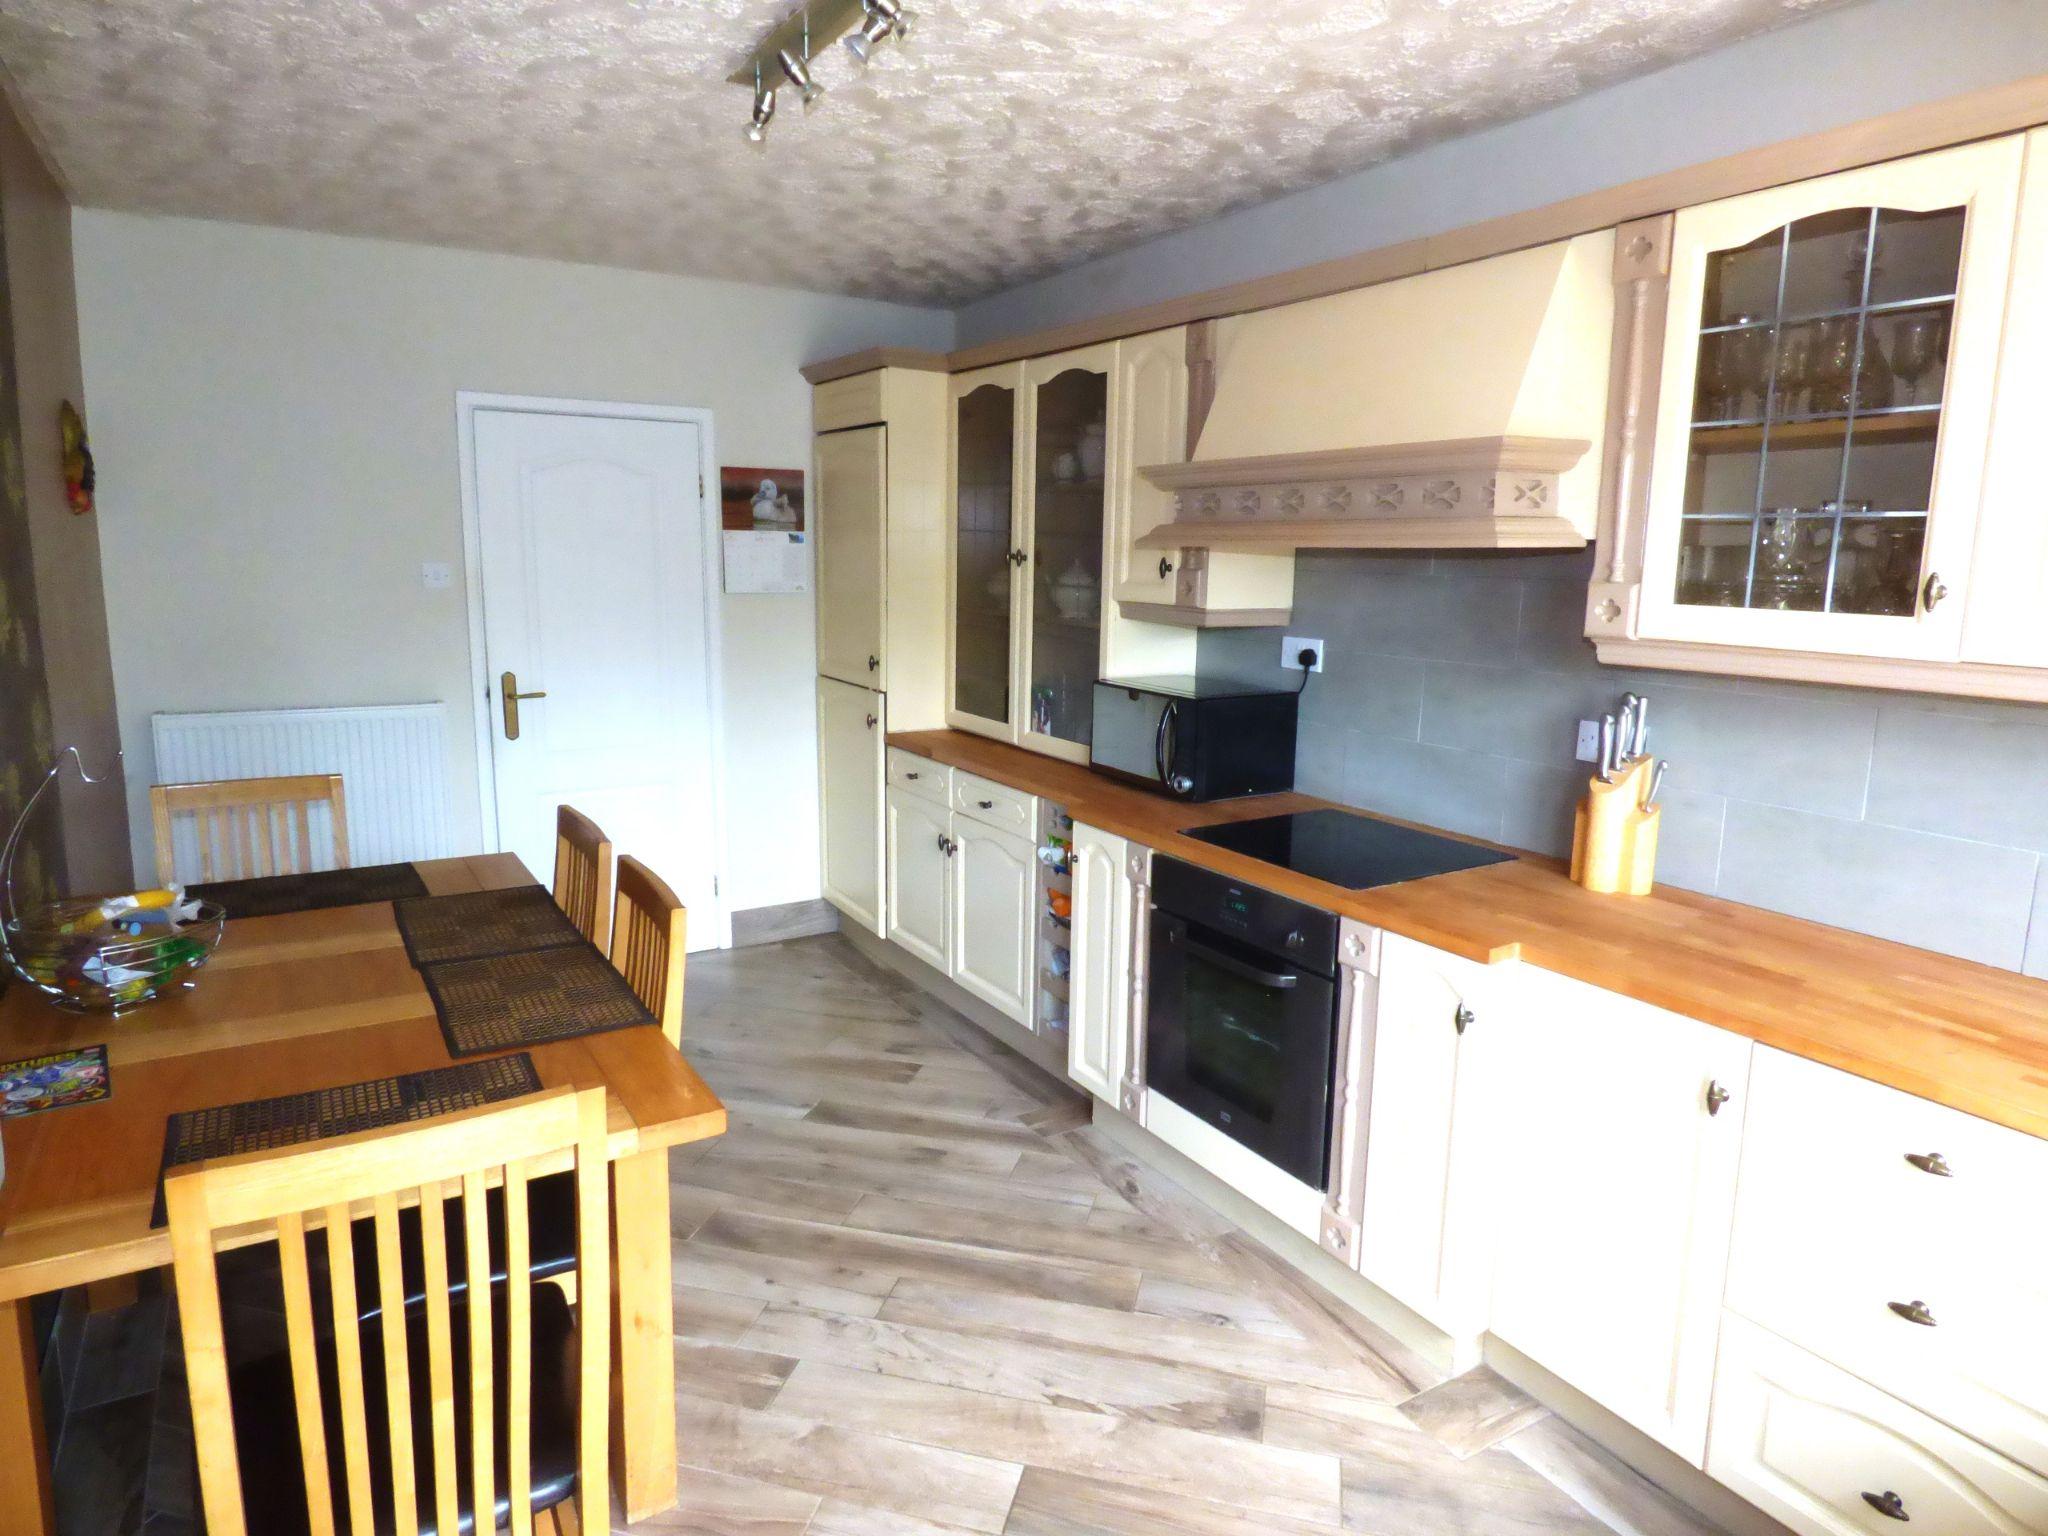 5 Bedroom Detached Bungalow For Sale - Photograph 3